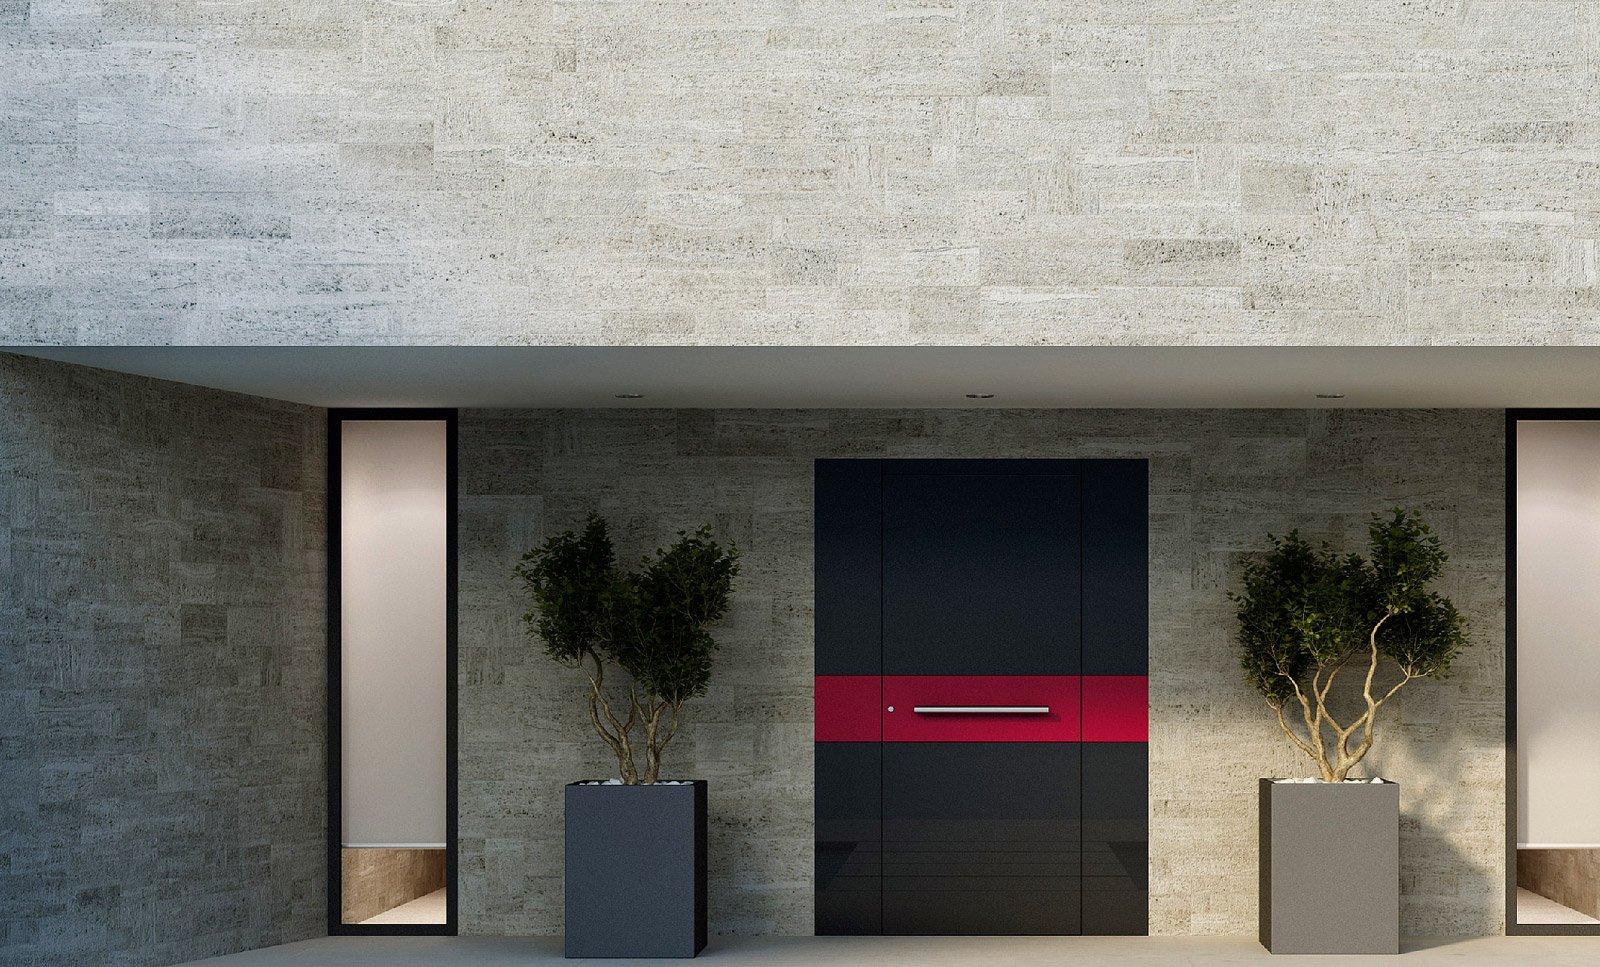 Ingressi protetti all 39 interno e all 39 esterno cose di casa for Ville design esterni